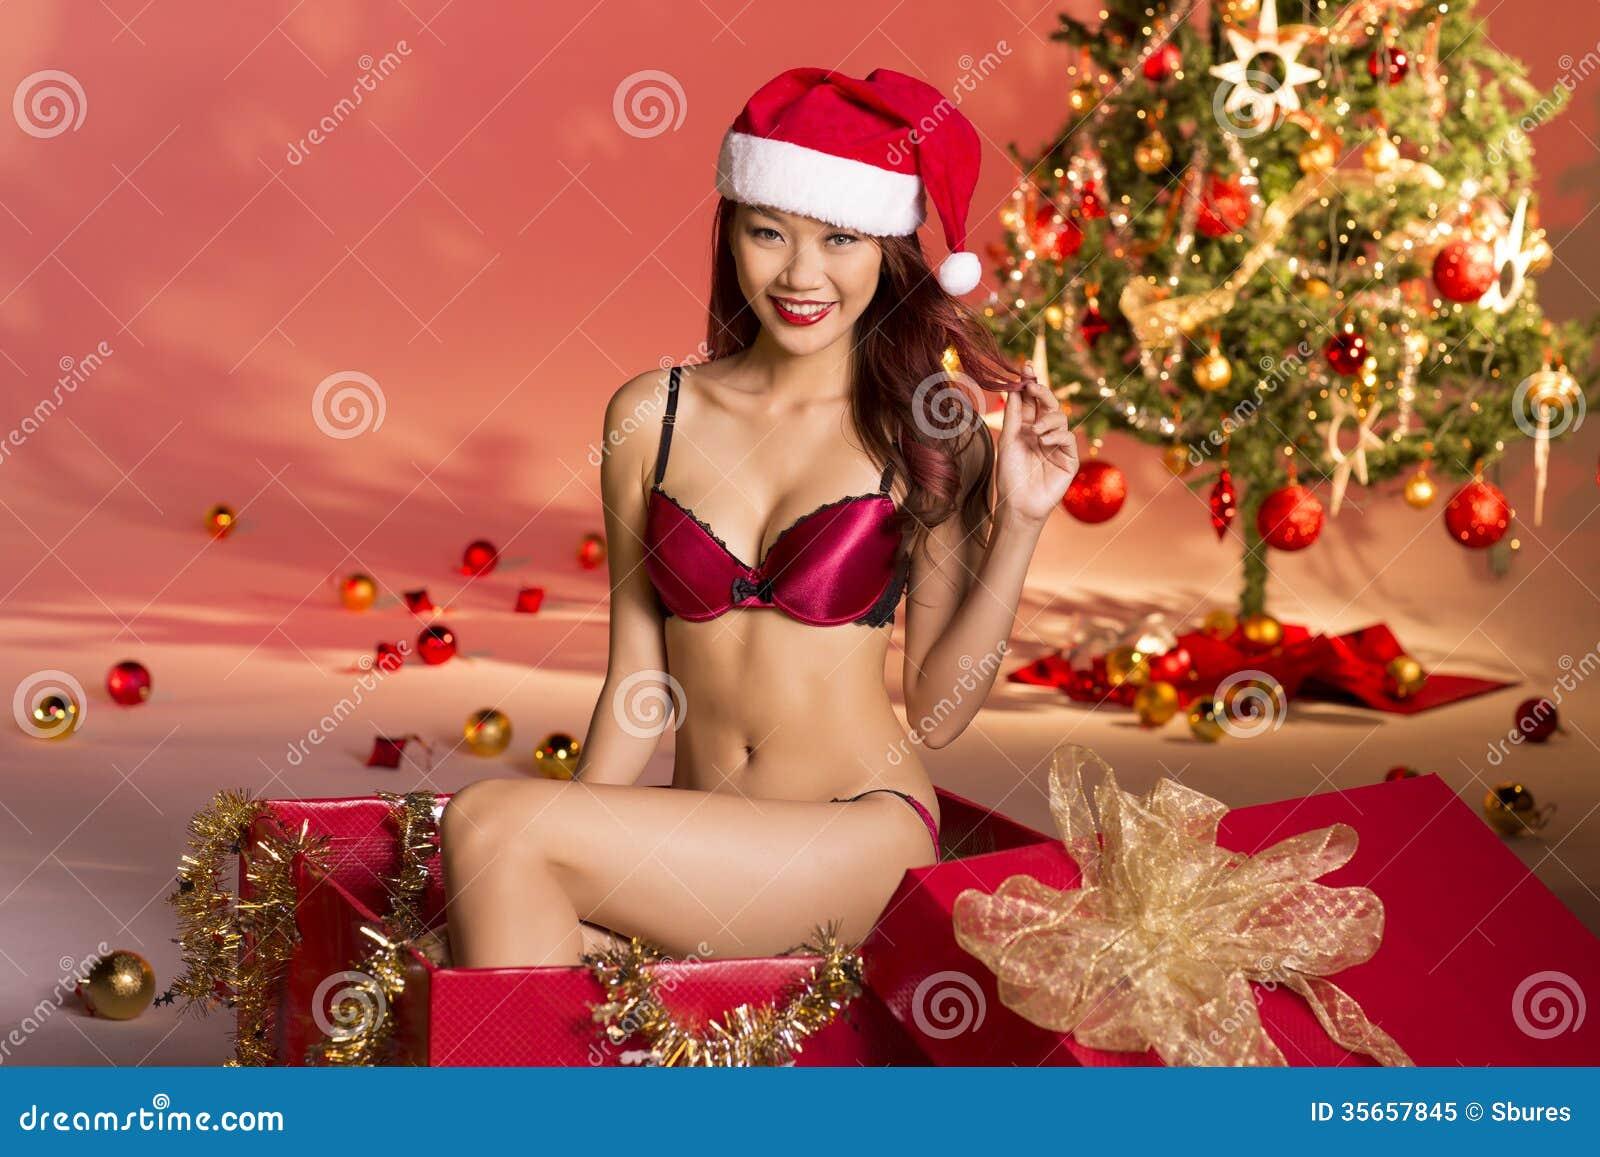 sexy weihnachtsgeschenk stockbild bild von m dchen. Black Bedroom Furniture Sets. Home Design Ideas